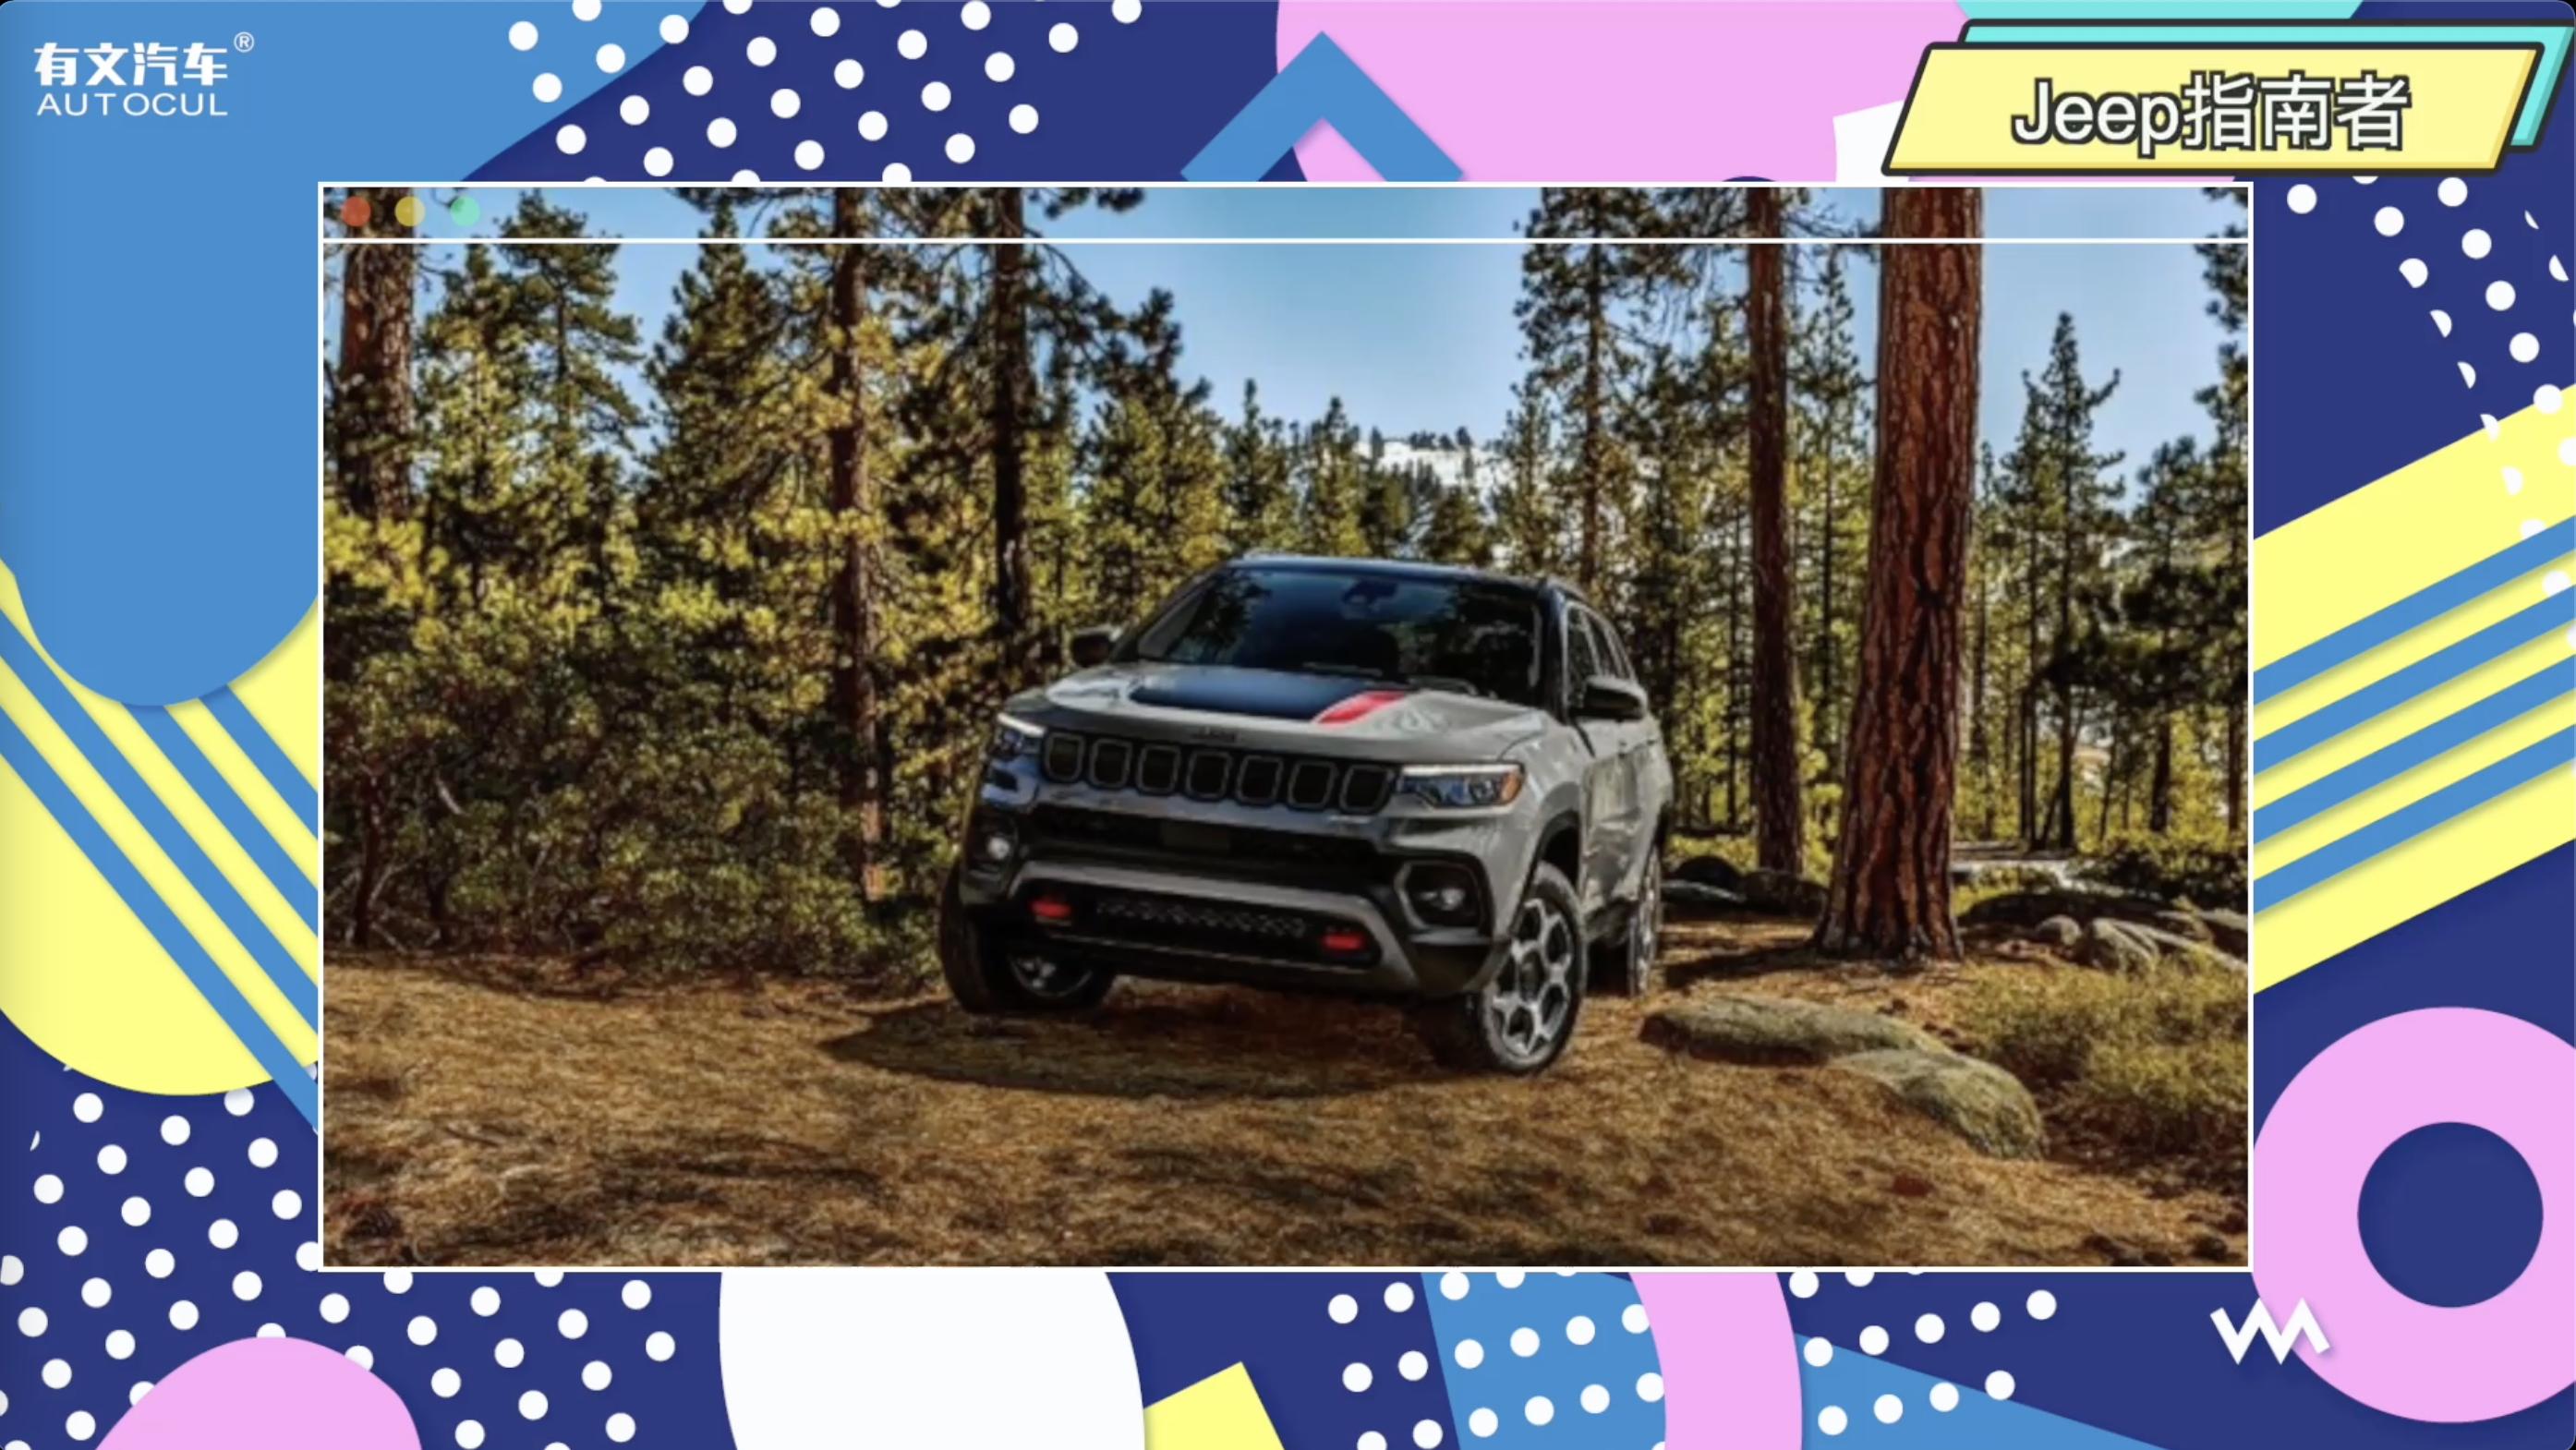 2022款Jeep指南者海外发售,共推出5款车型,起售价约16.16万视频